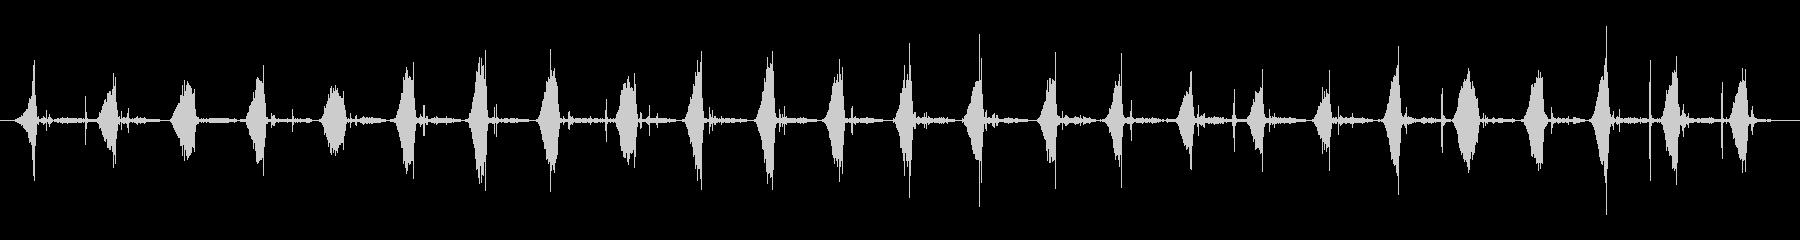 ポータブルチューブ自転車ポンプ:ポ...の未再生の波形